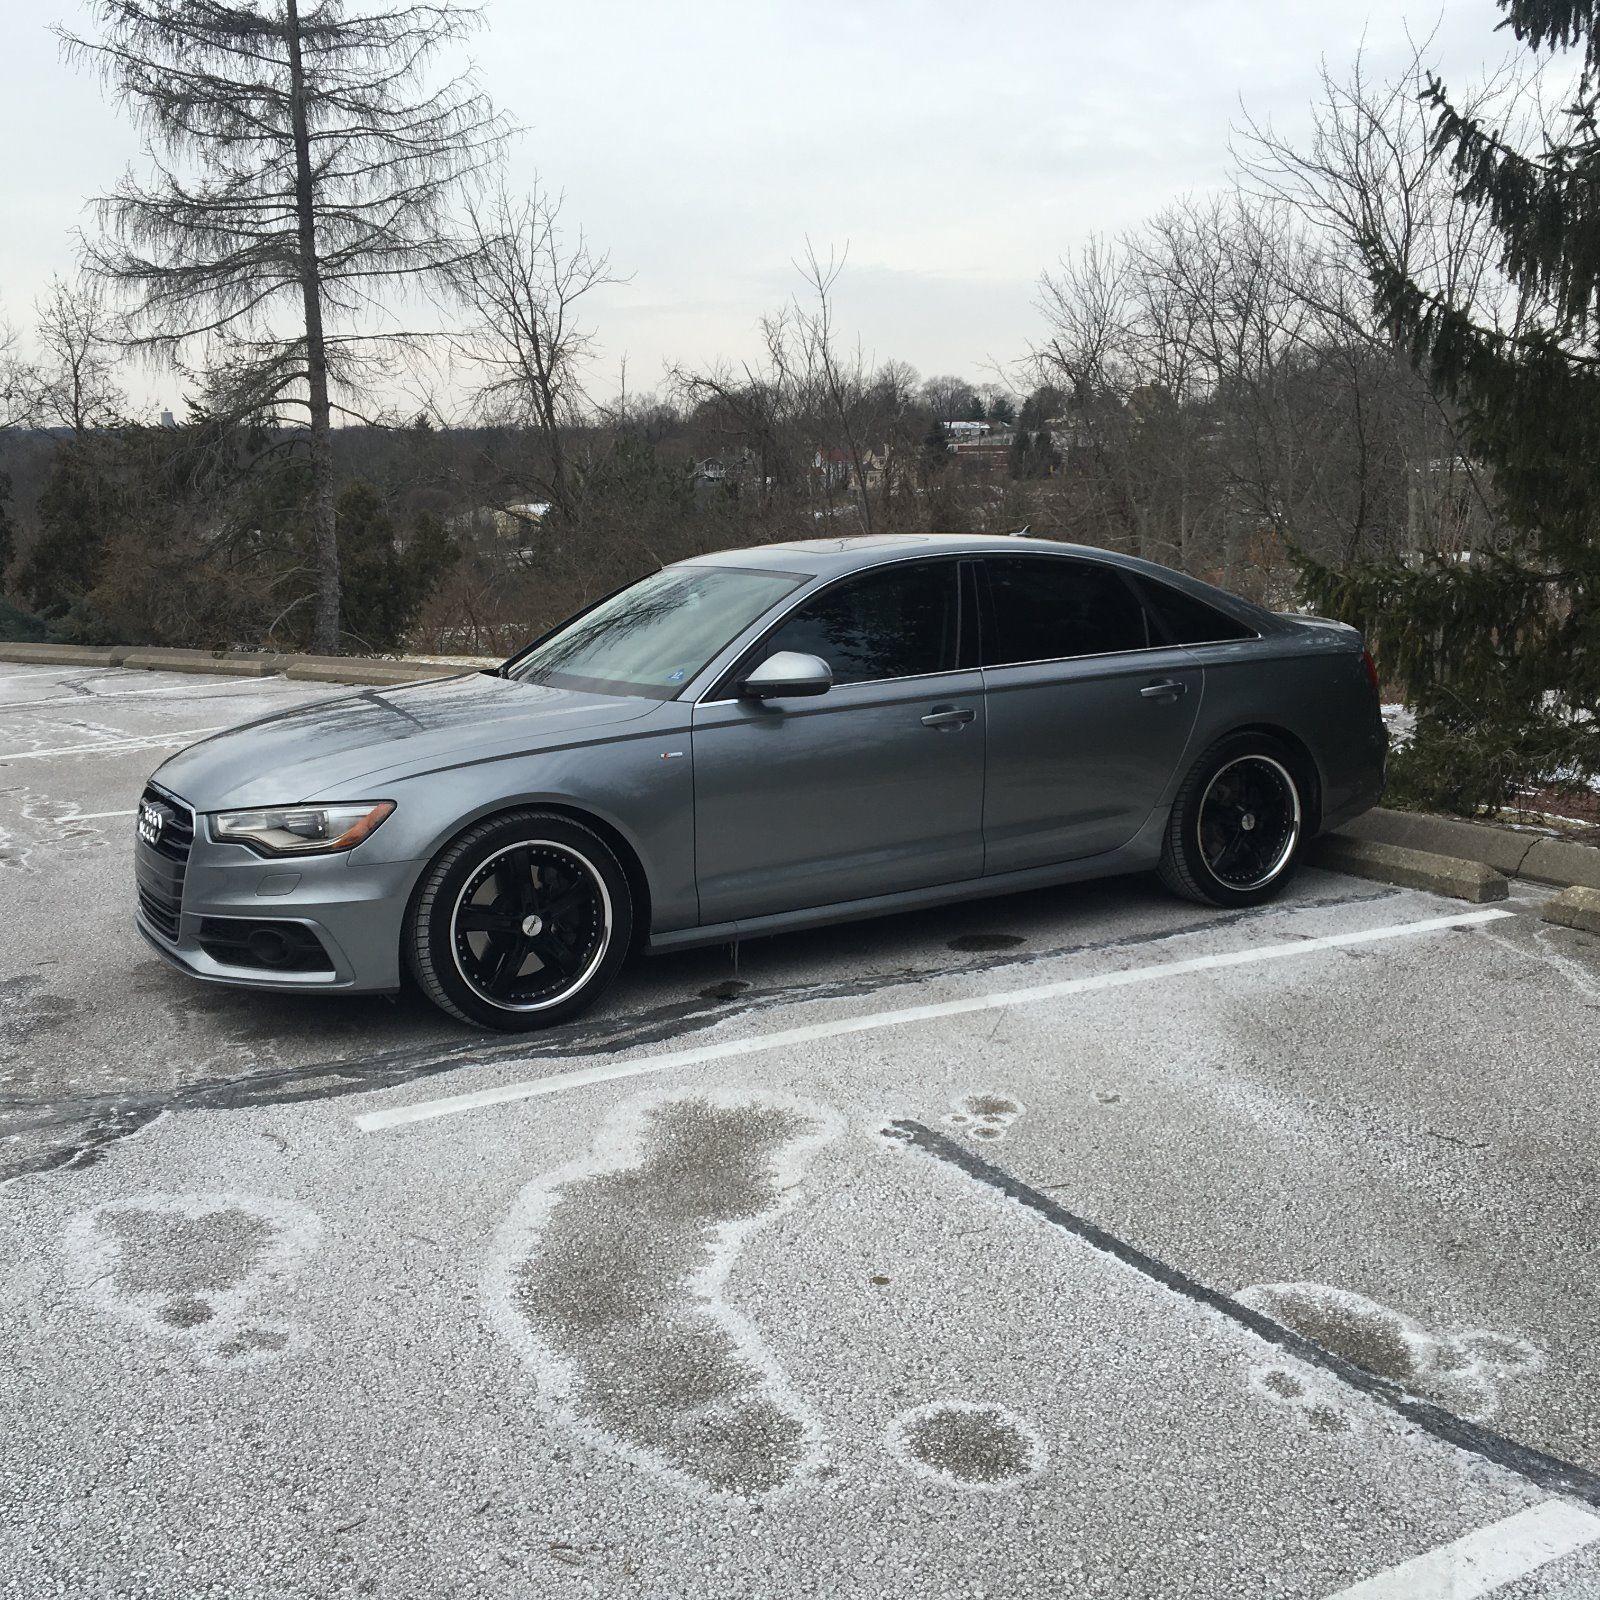 2019 Mercedes Gle350 >> Amazing 2014 Audi A6 Prestige 2014 AUDI A6 TDI CERTIFIED BY AUDI, serviced by Audi of Cincinnati ...